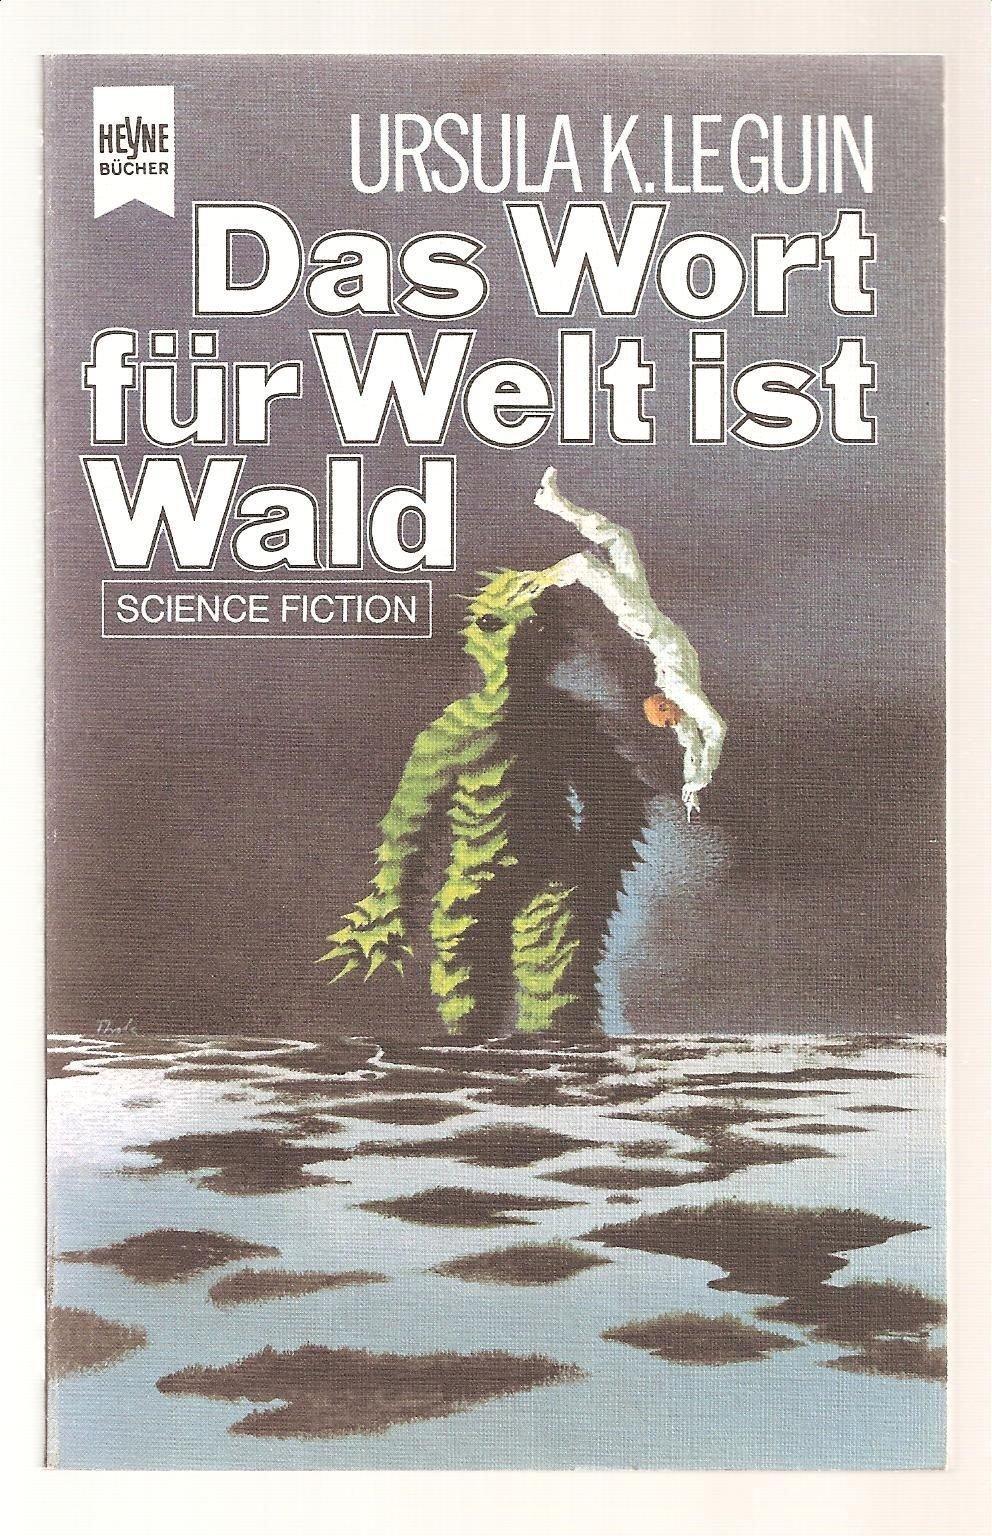 Ursula K. Le Guin - Das Wort für Welt ist Wald